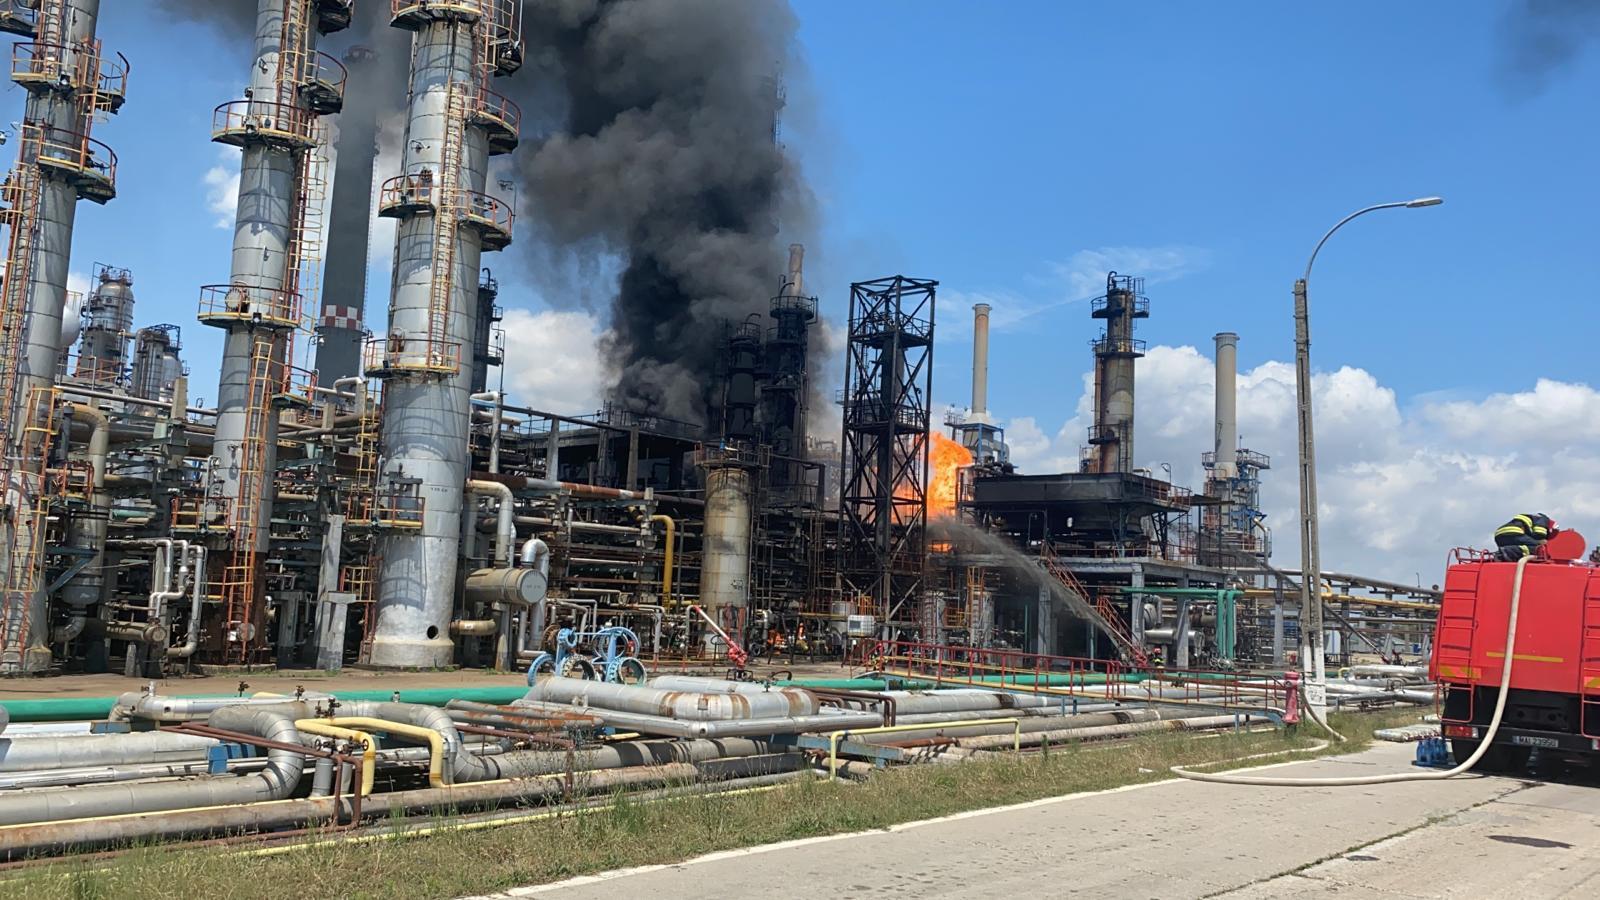 Пожар на НПЗ в Румынии ликвидирован – KMG International